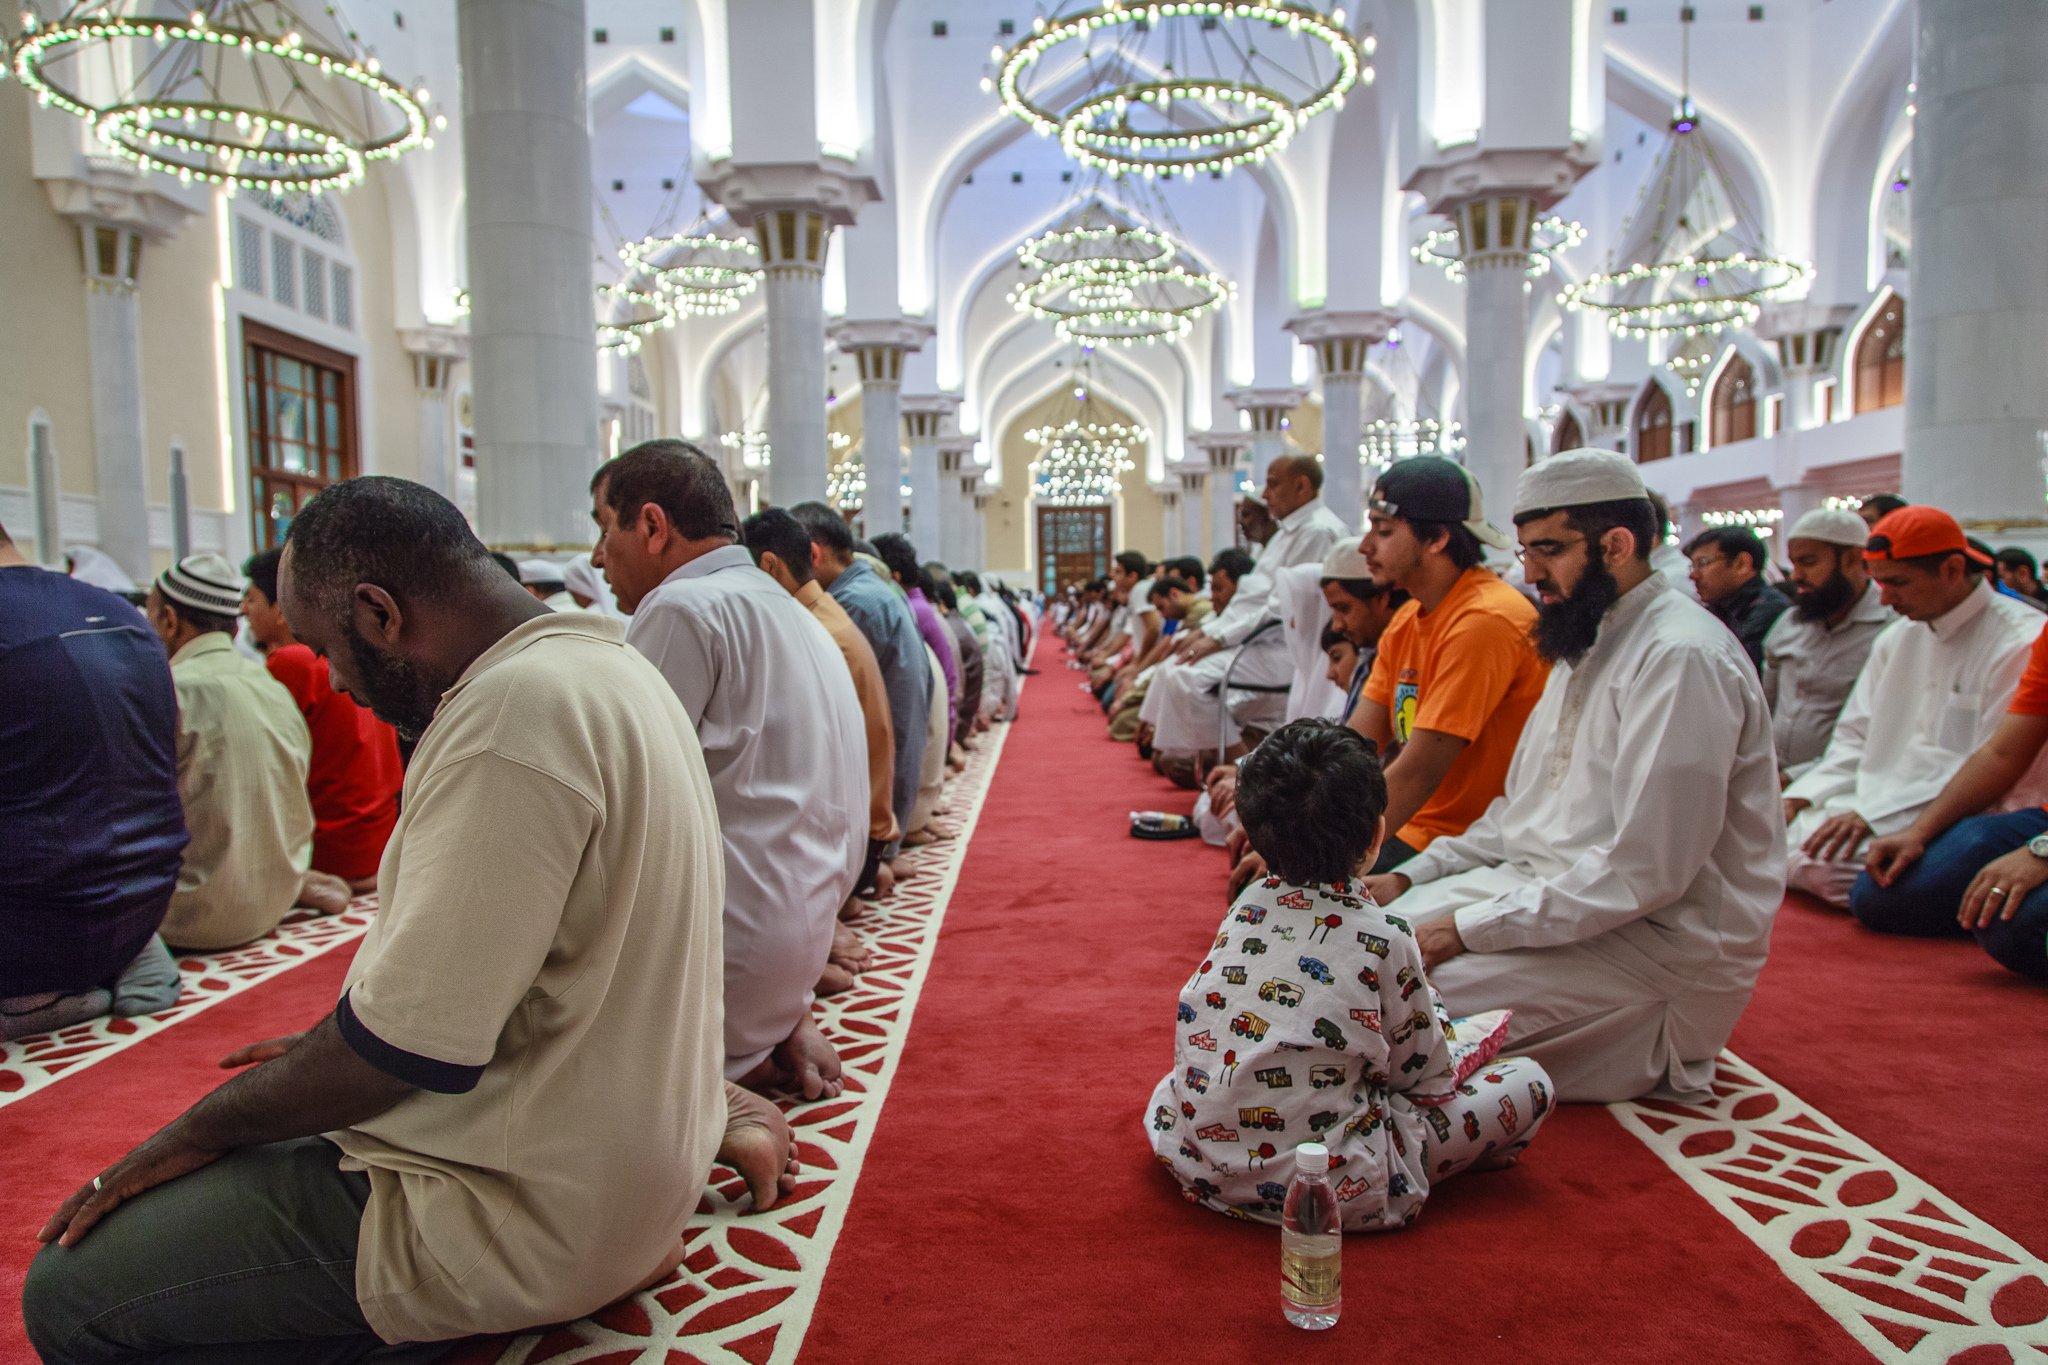 подходящий рисунок фото молящихся в разных религиях зарабатывает